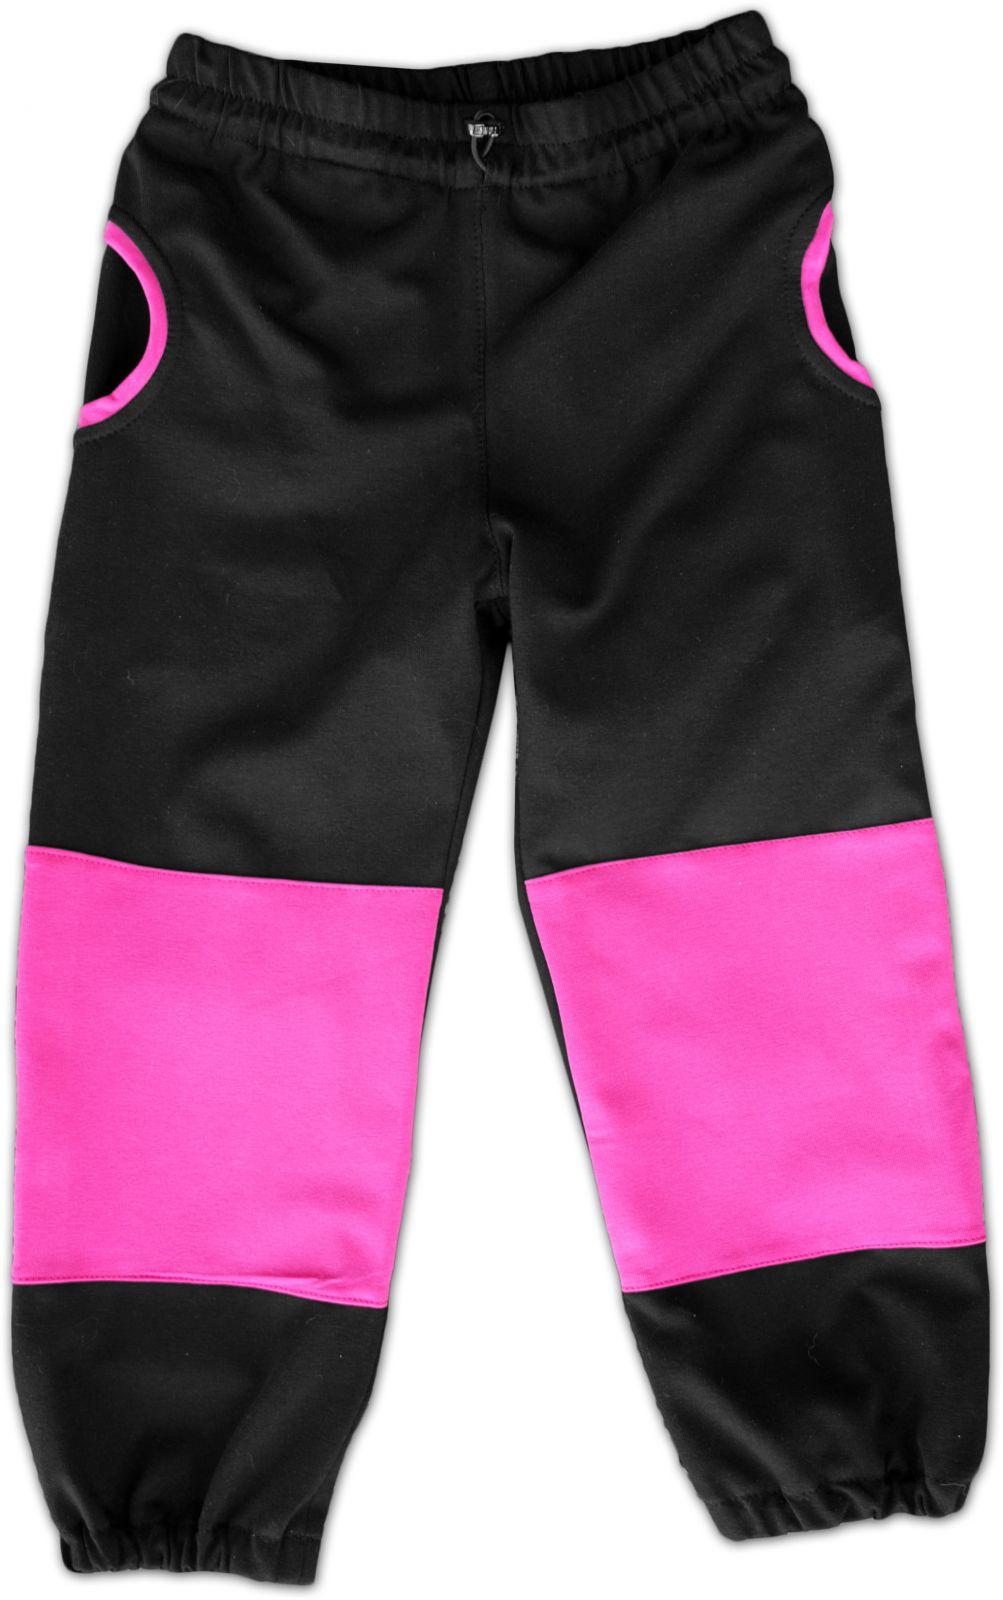 Dětské tepláky s kapsami, bavlněné, černá/růžová, velikost 98